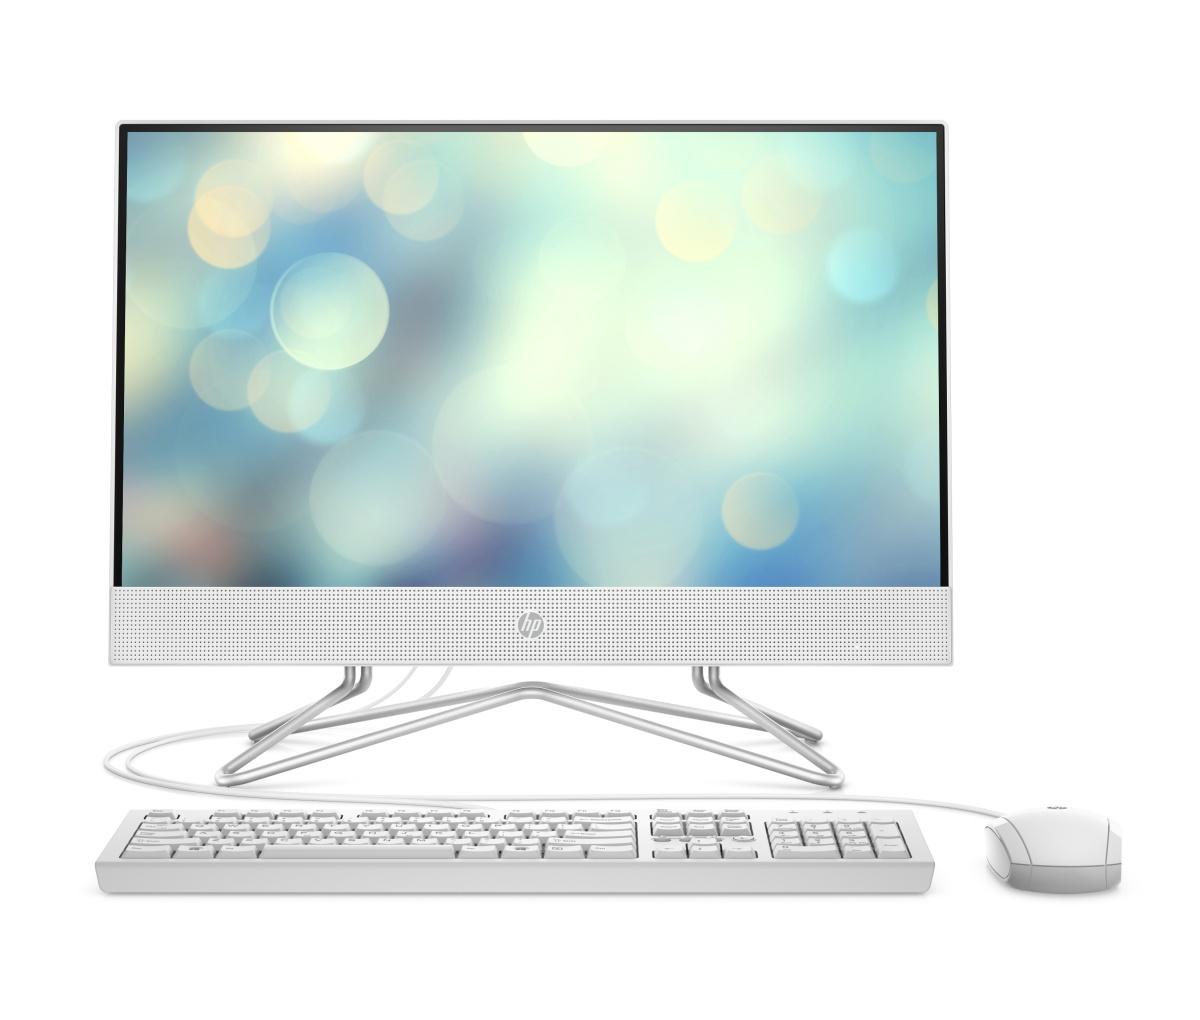 HP 205 G4 AiO 21.5' NT R3-3250/4GB/1TB/DVD/Dos